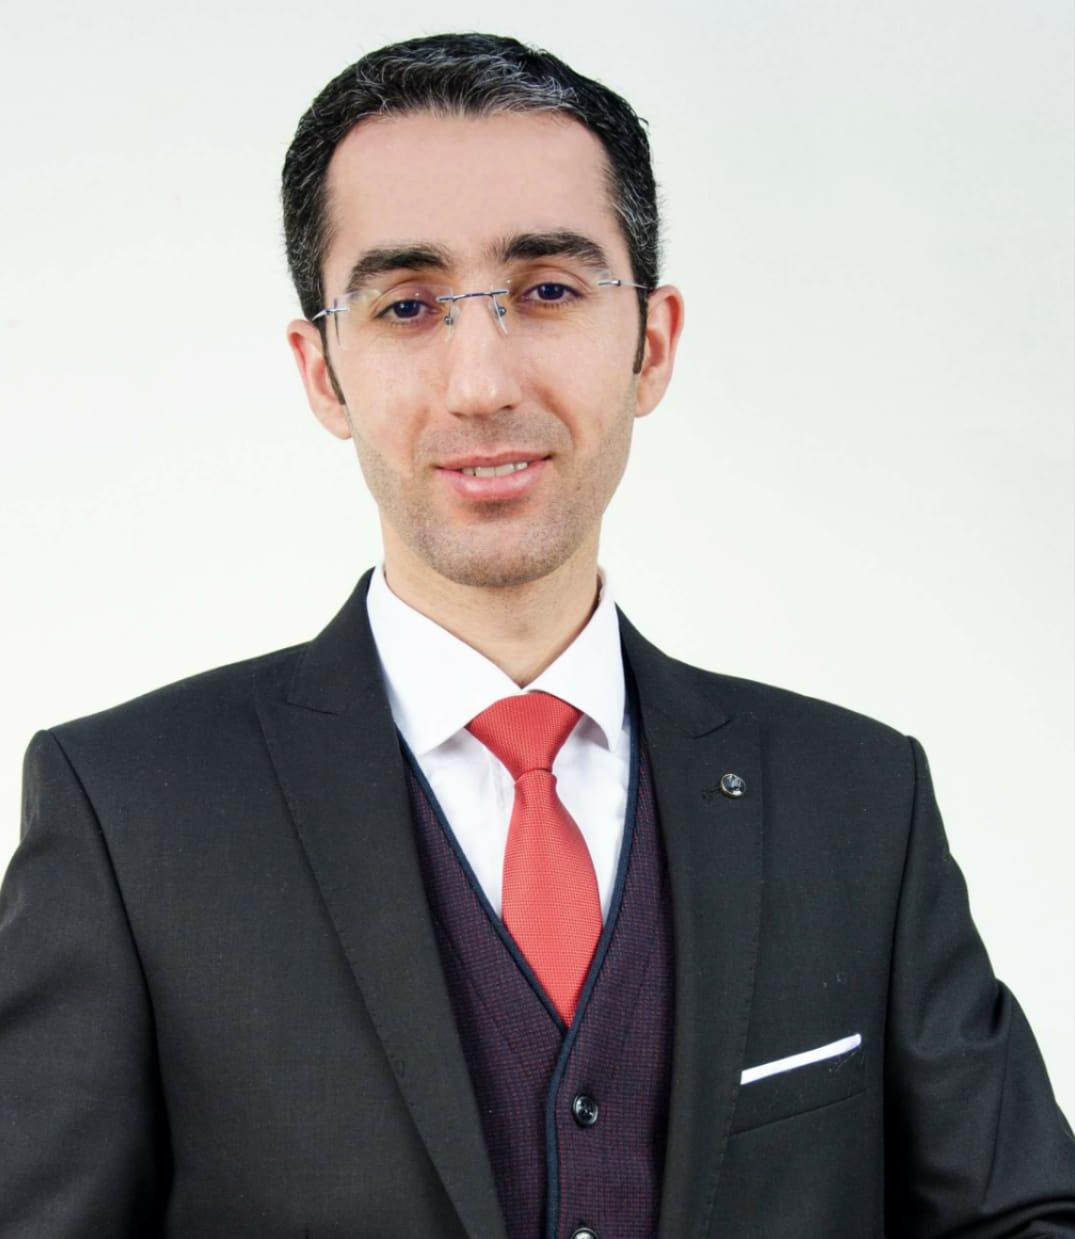 Adem Yavuz Irgatoğlu